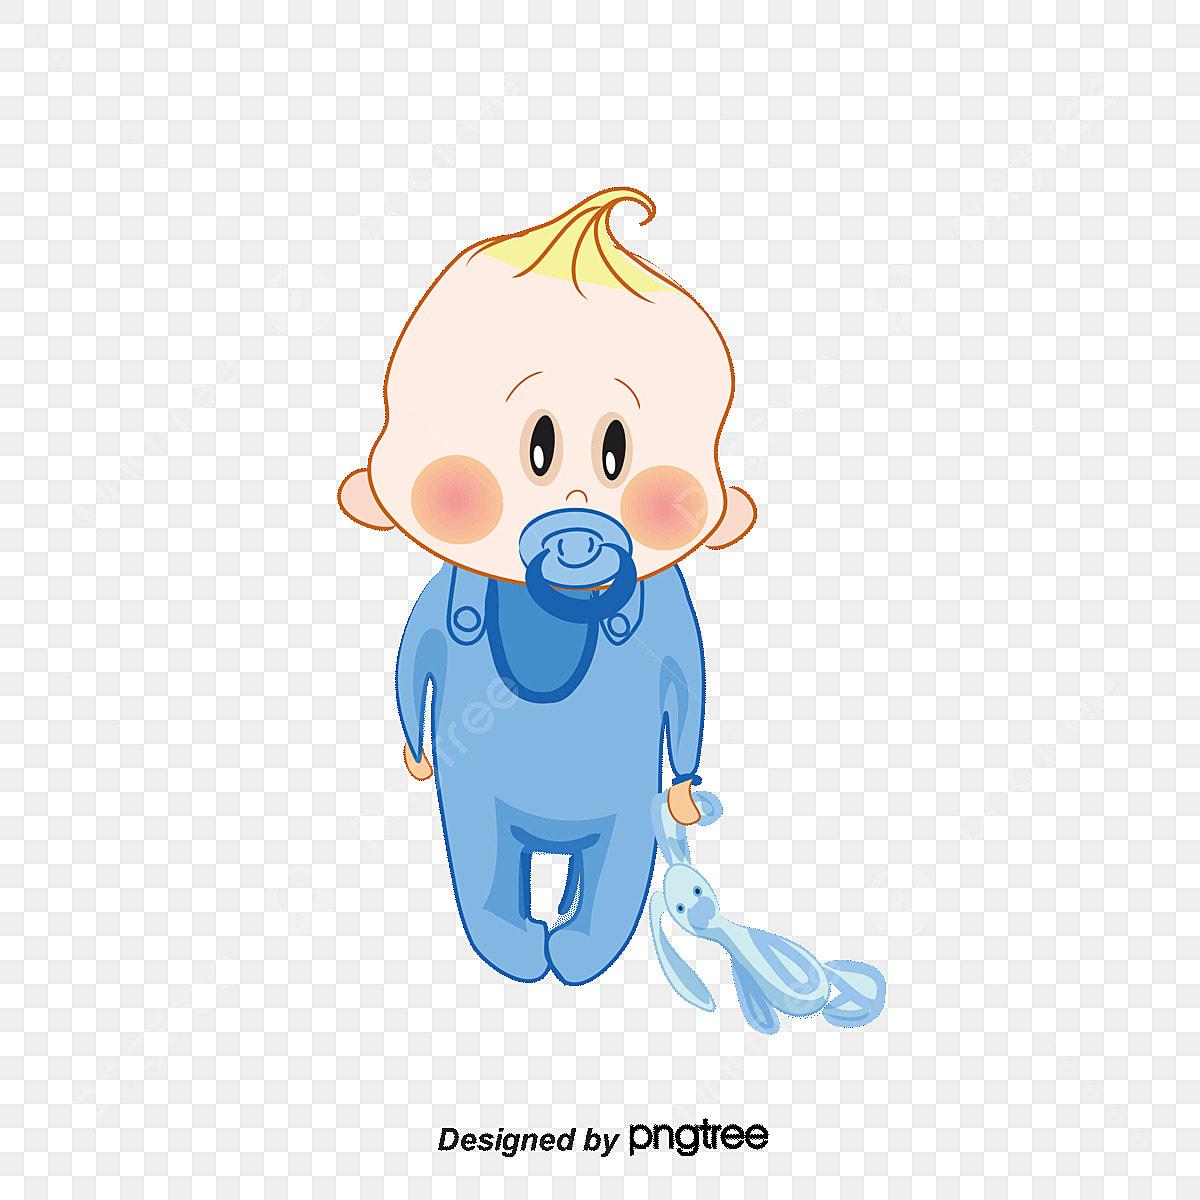 الدمية الكرتون مصاصة كليب الحلمة طفل طفل Png وملف Psd للتحميل مجانا